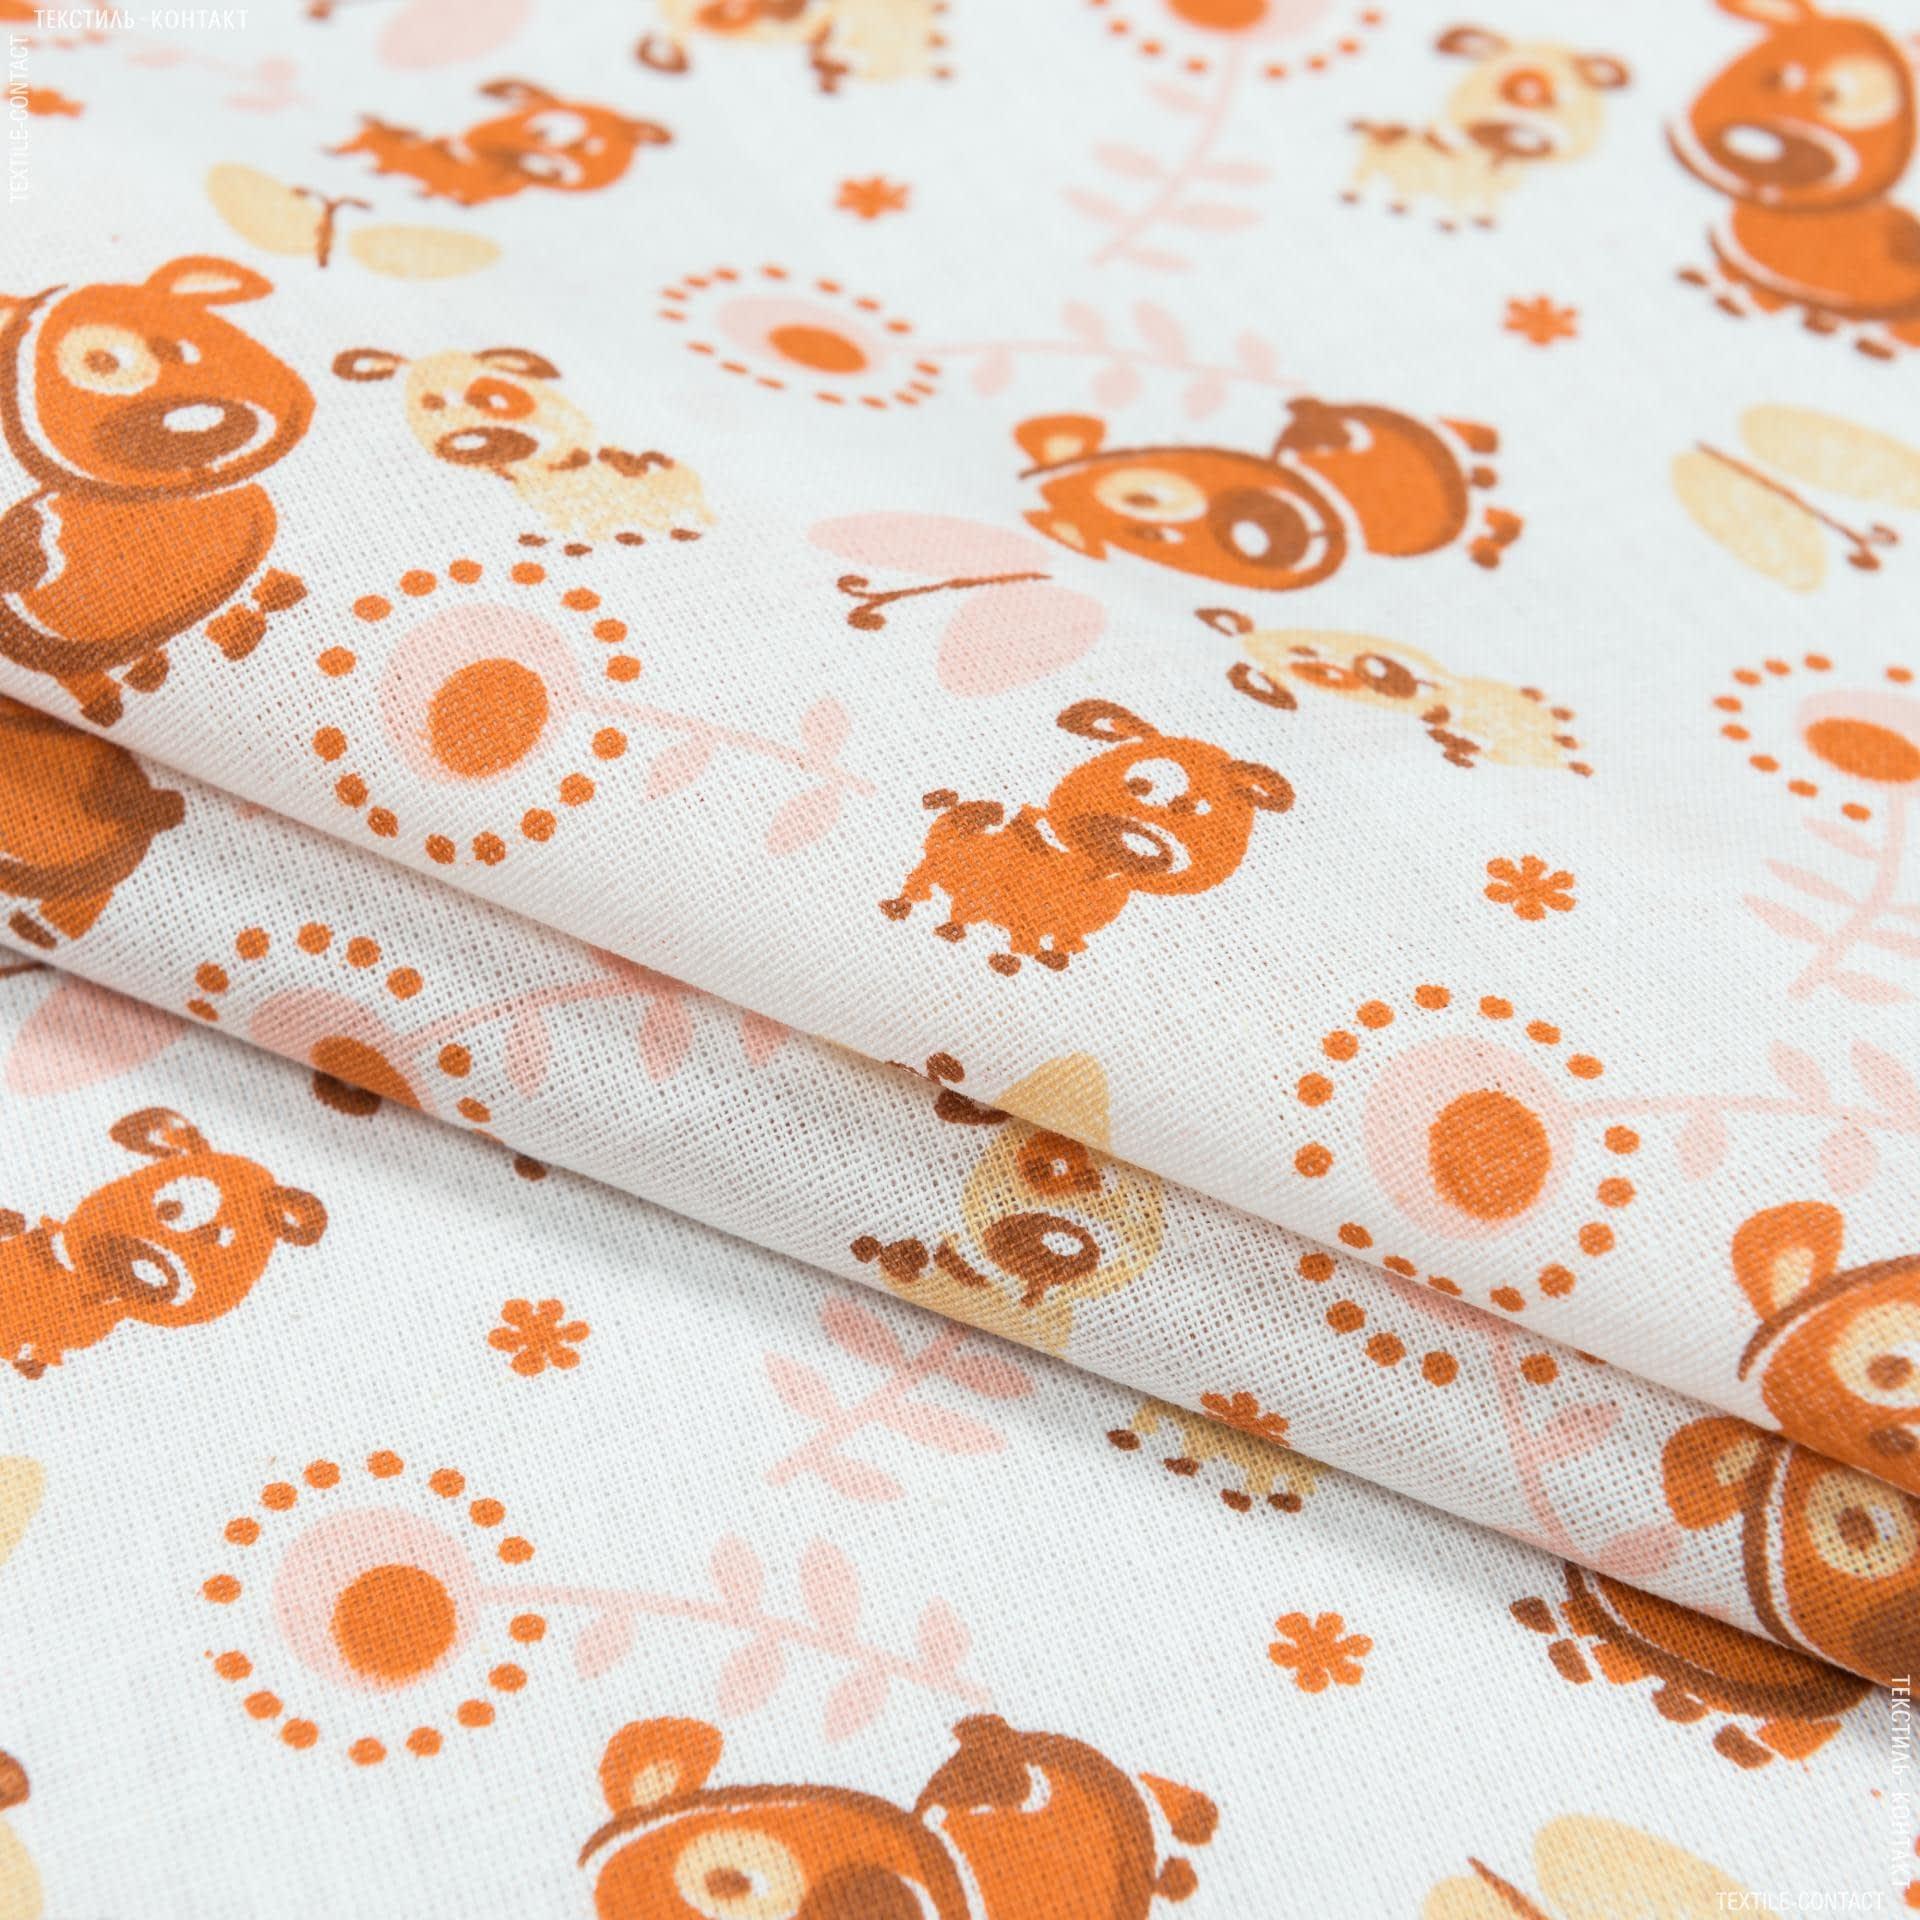 Ткани для детской одежды - Ситец ткч детский собачки